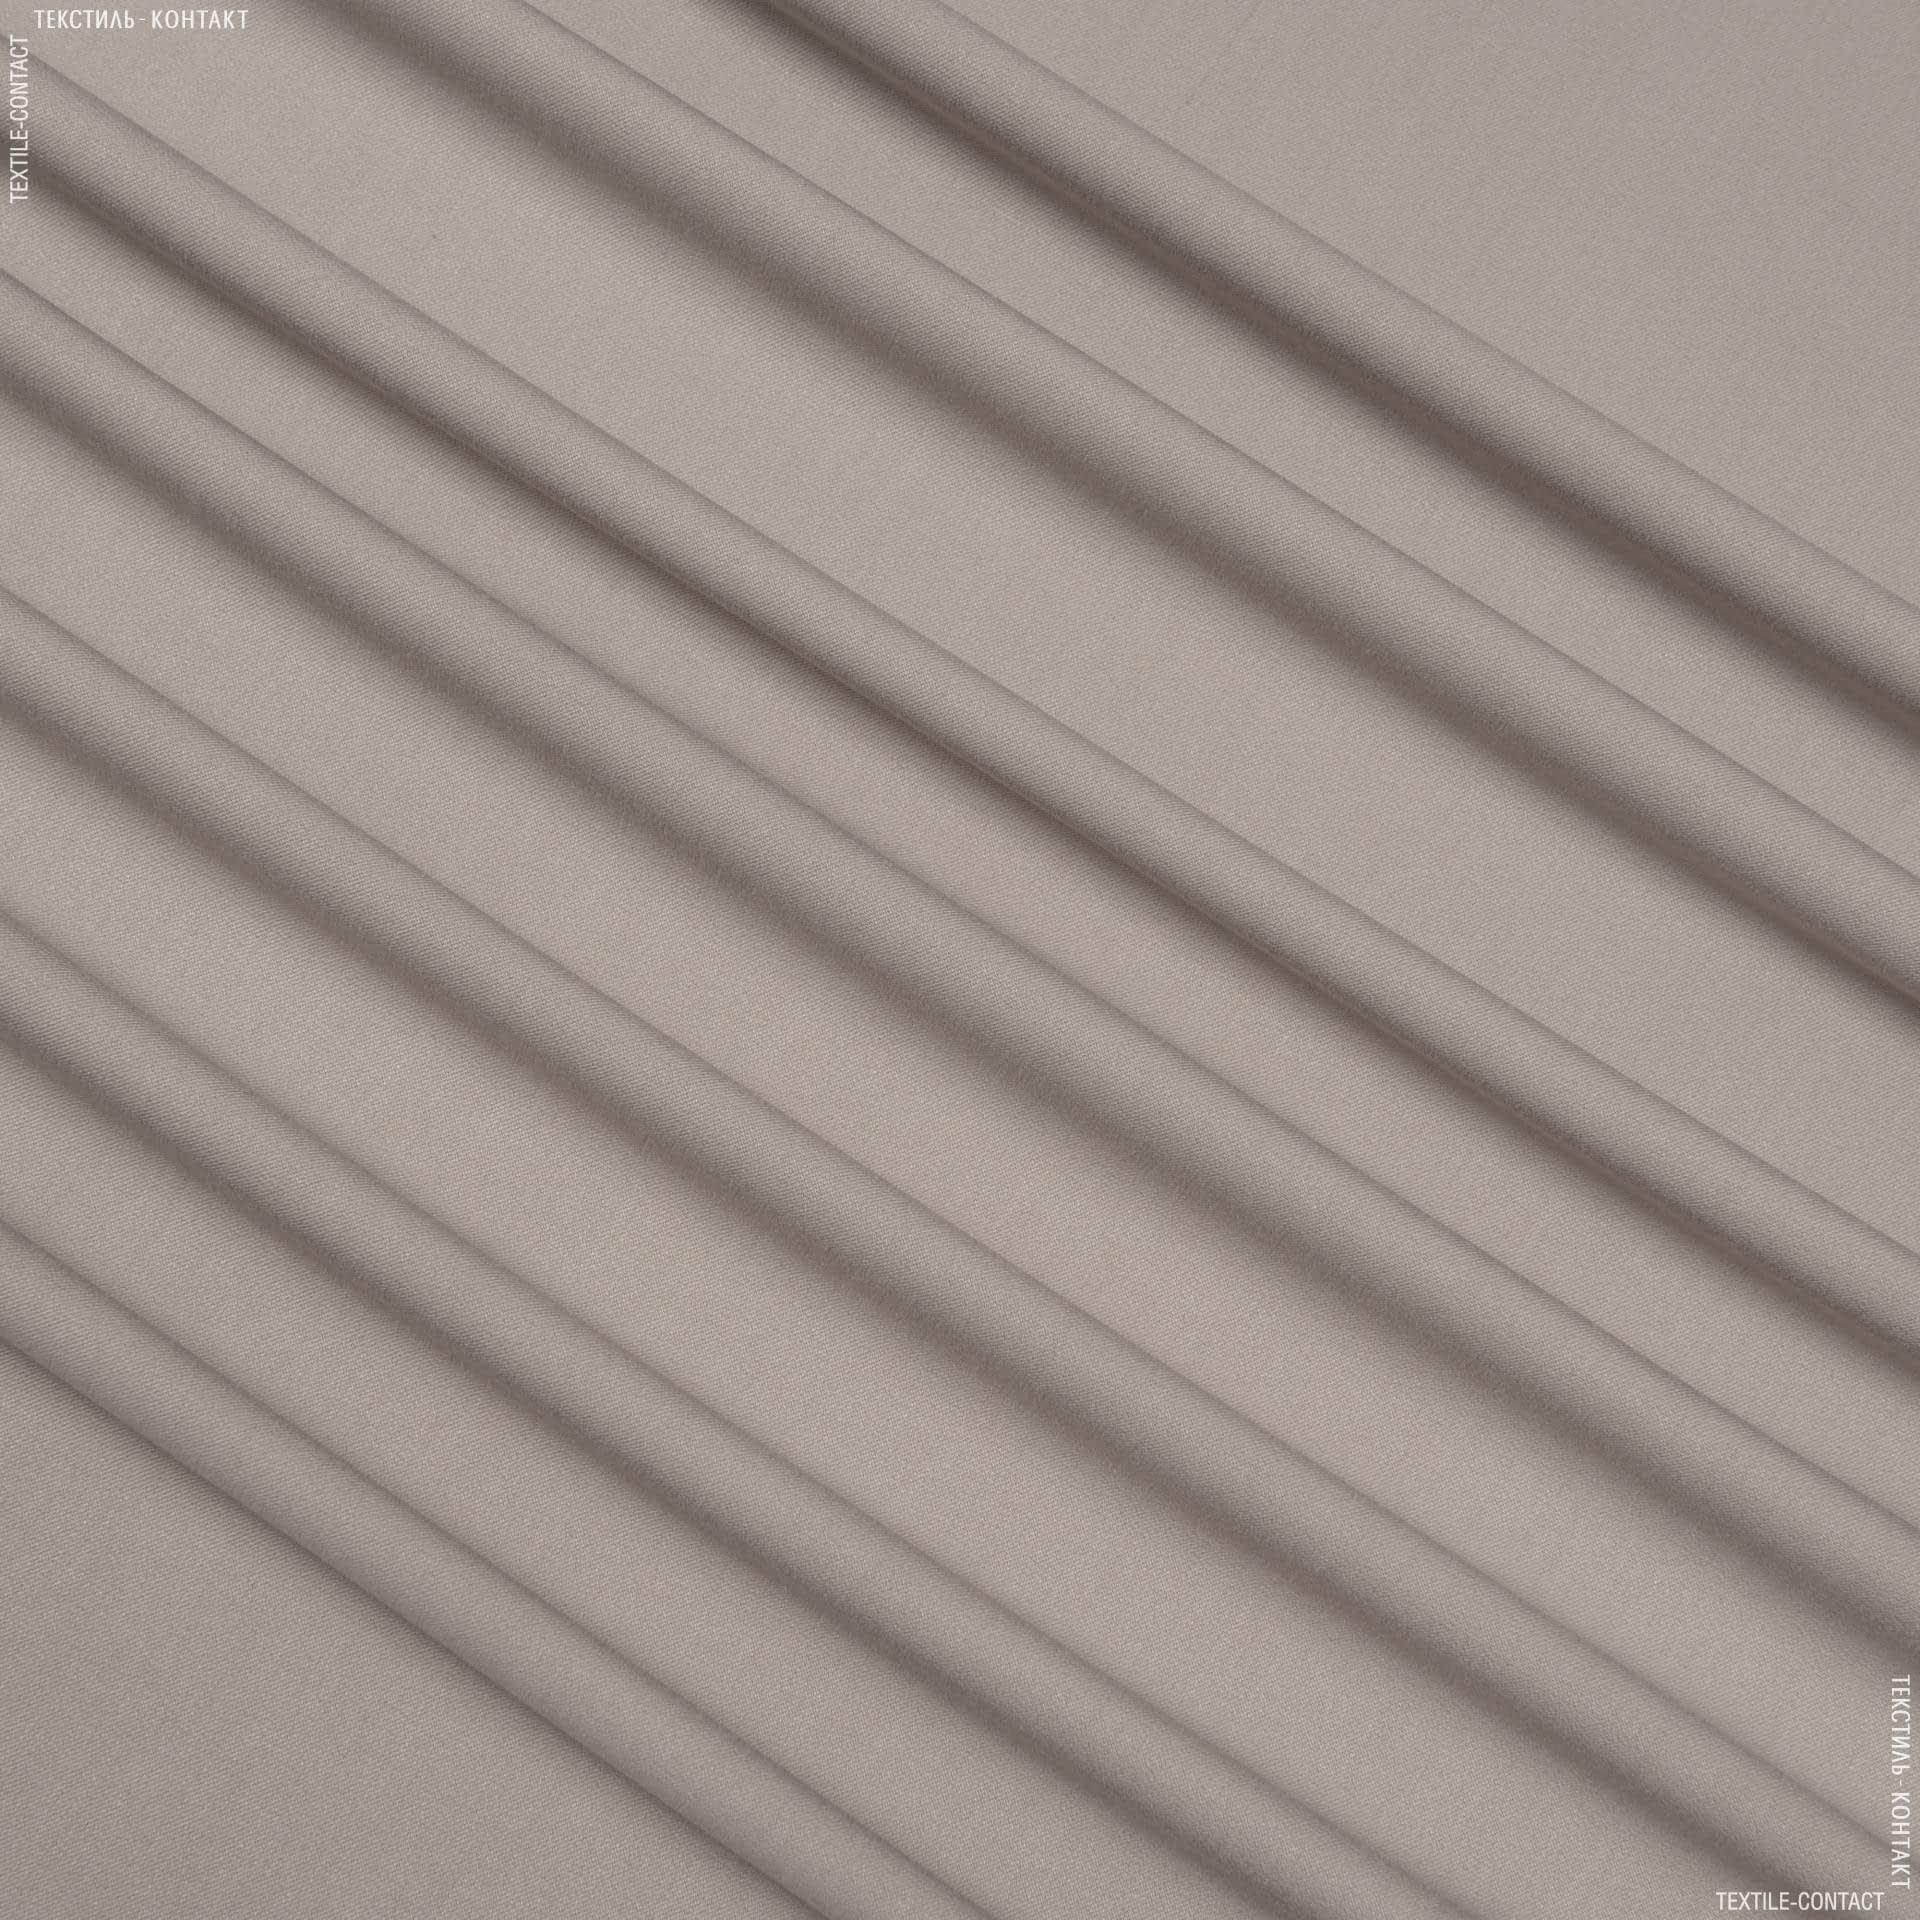 Ткани для брюк - Костюмная вискоза стрейч серый